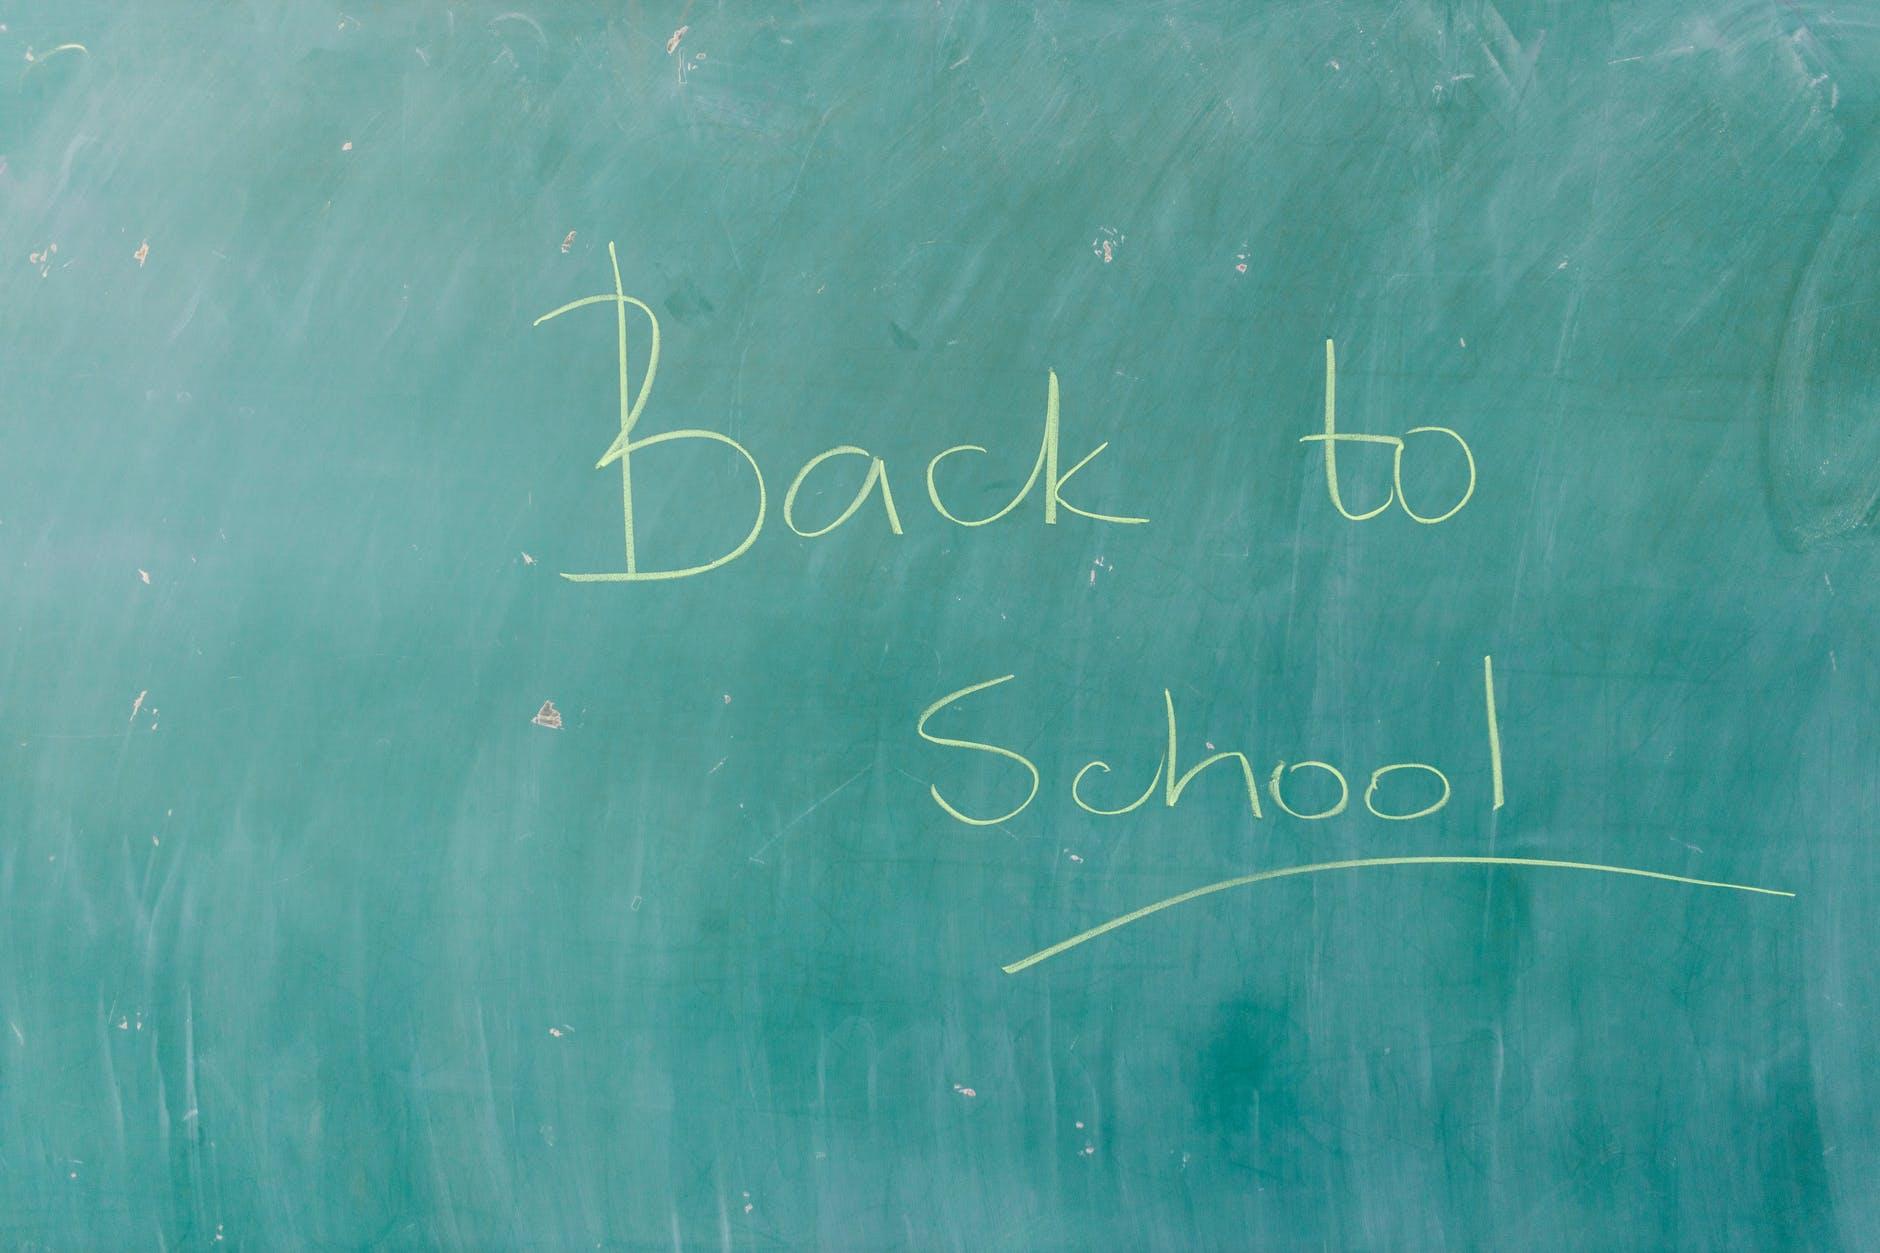 Scuola, via libera alle misure per la riapertura in presenza per l'A.S. 2021/22